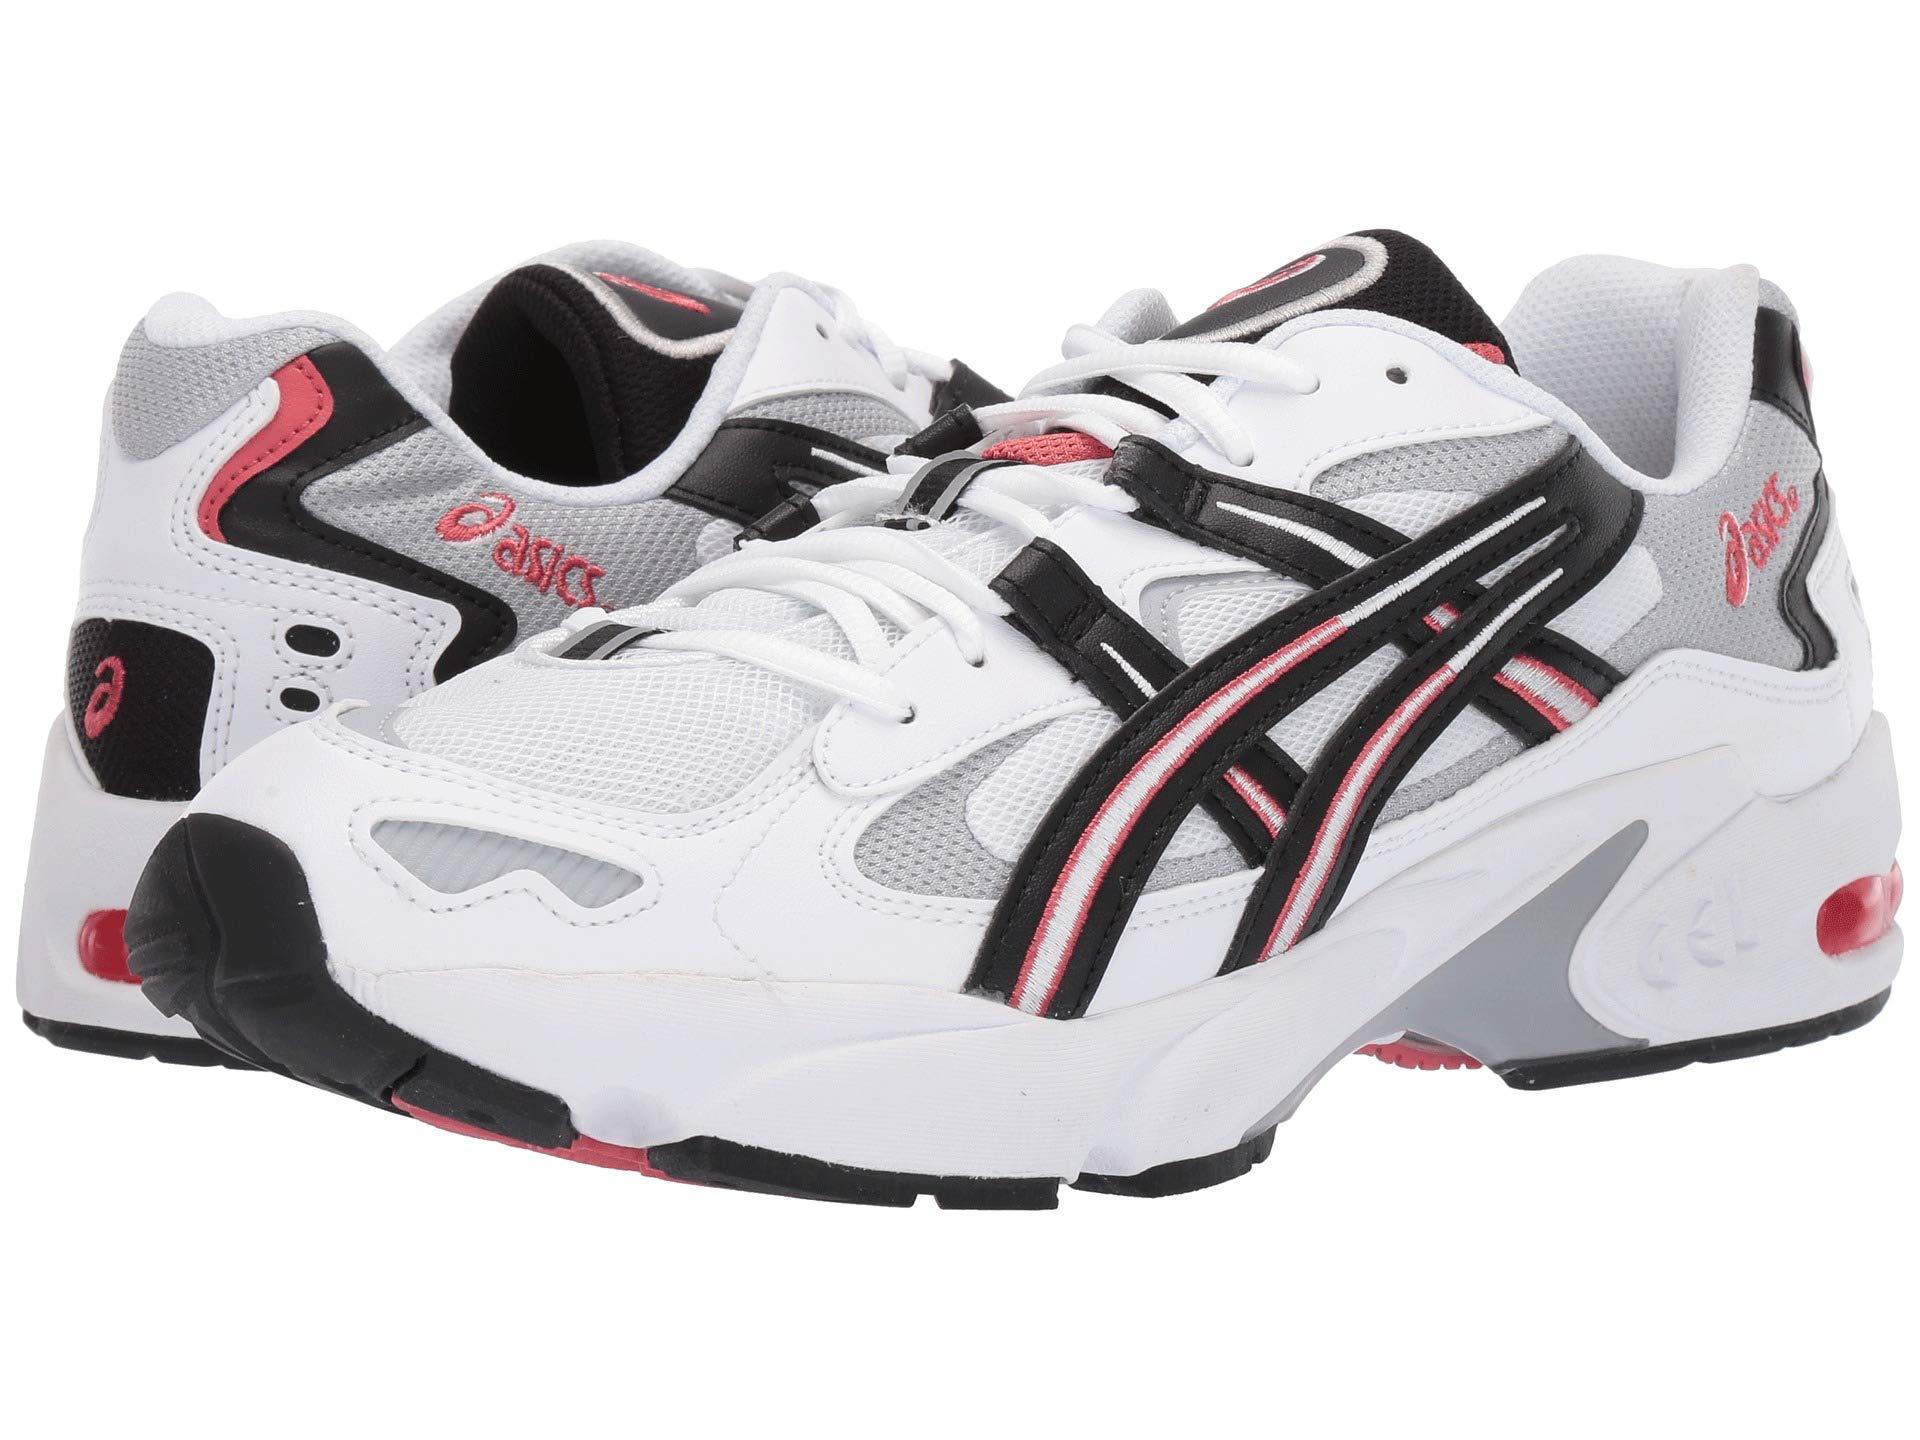 5bcf07f572759e Lyst - Asics Gel-kayano 5 Og (white midnight) Men s Classic Shoes in ...